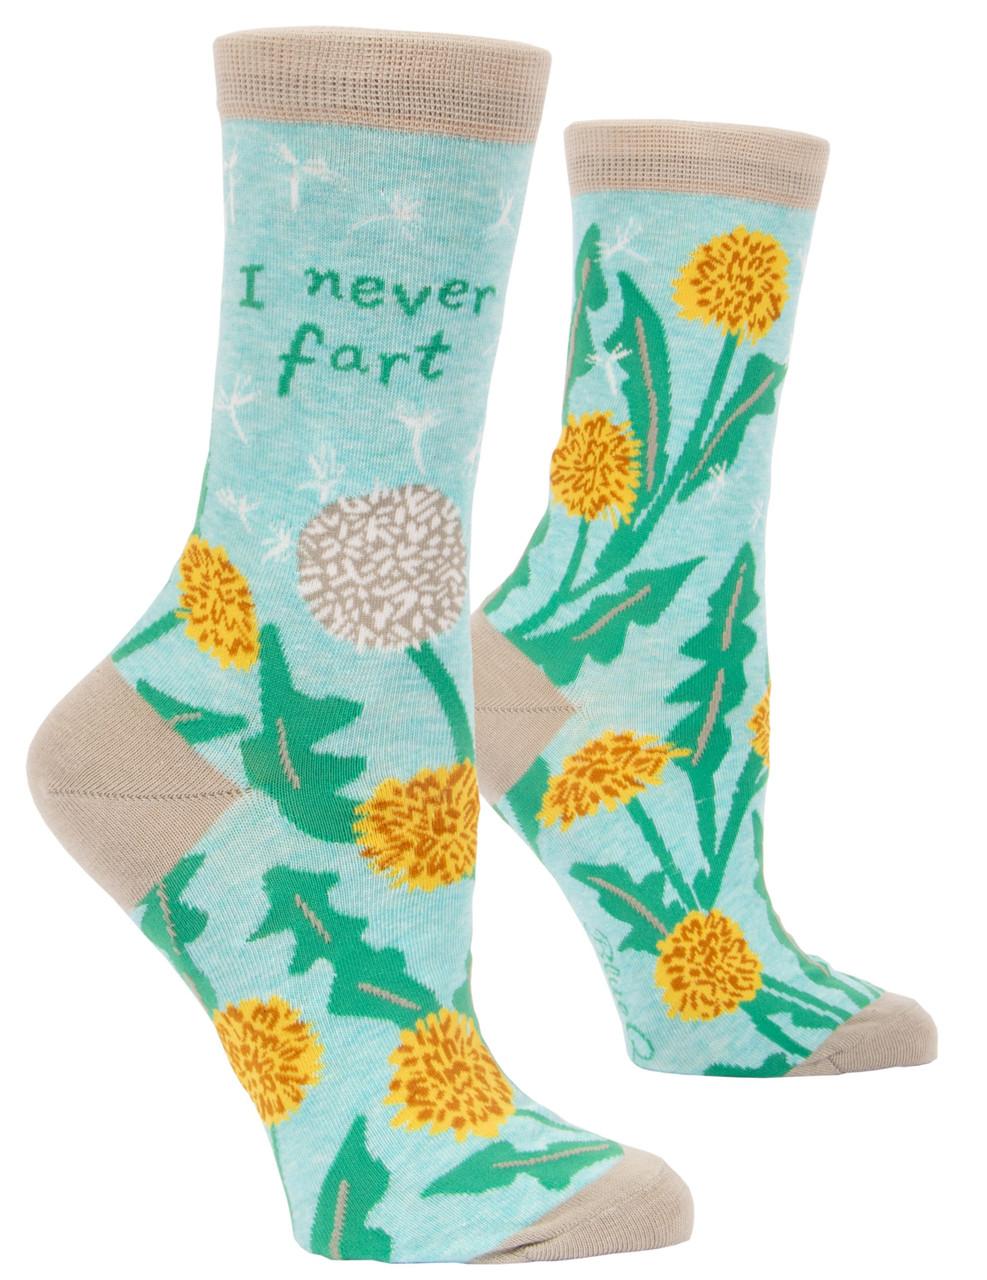 I NEVER FART - Women's Crew Socks